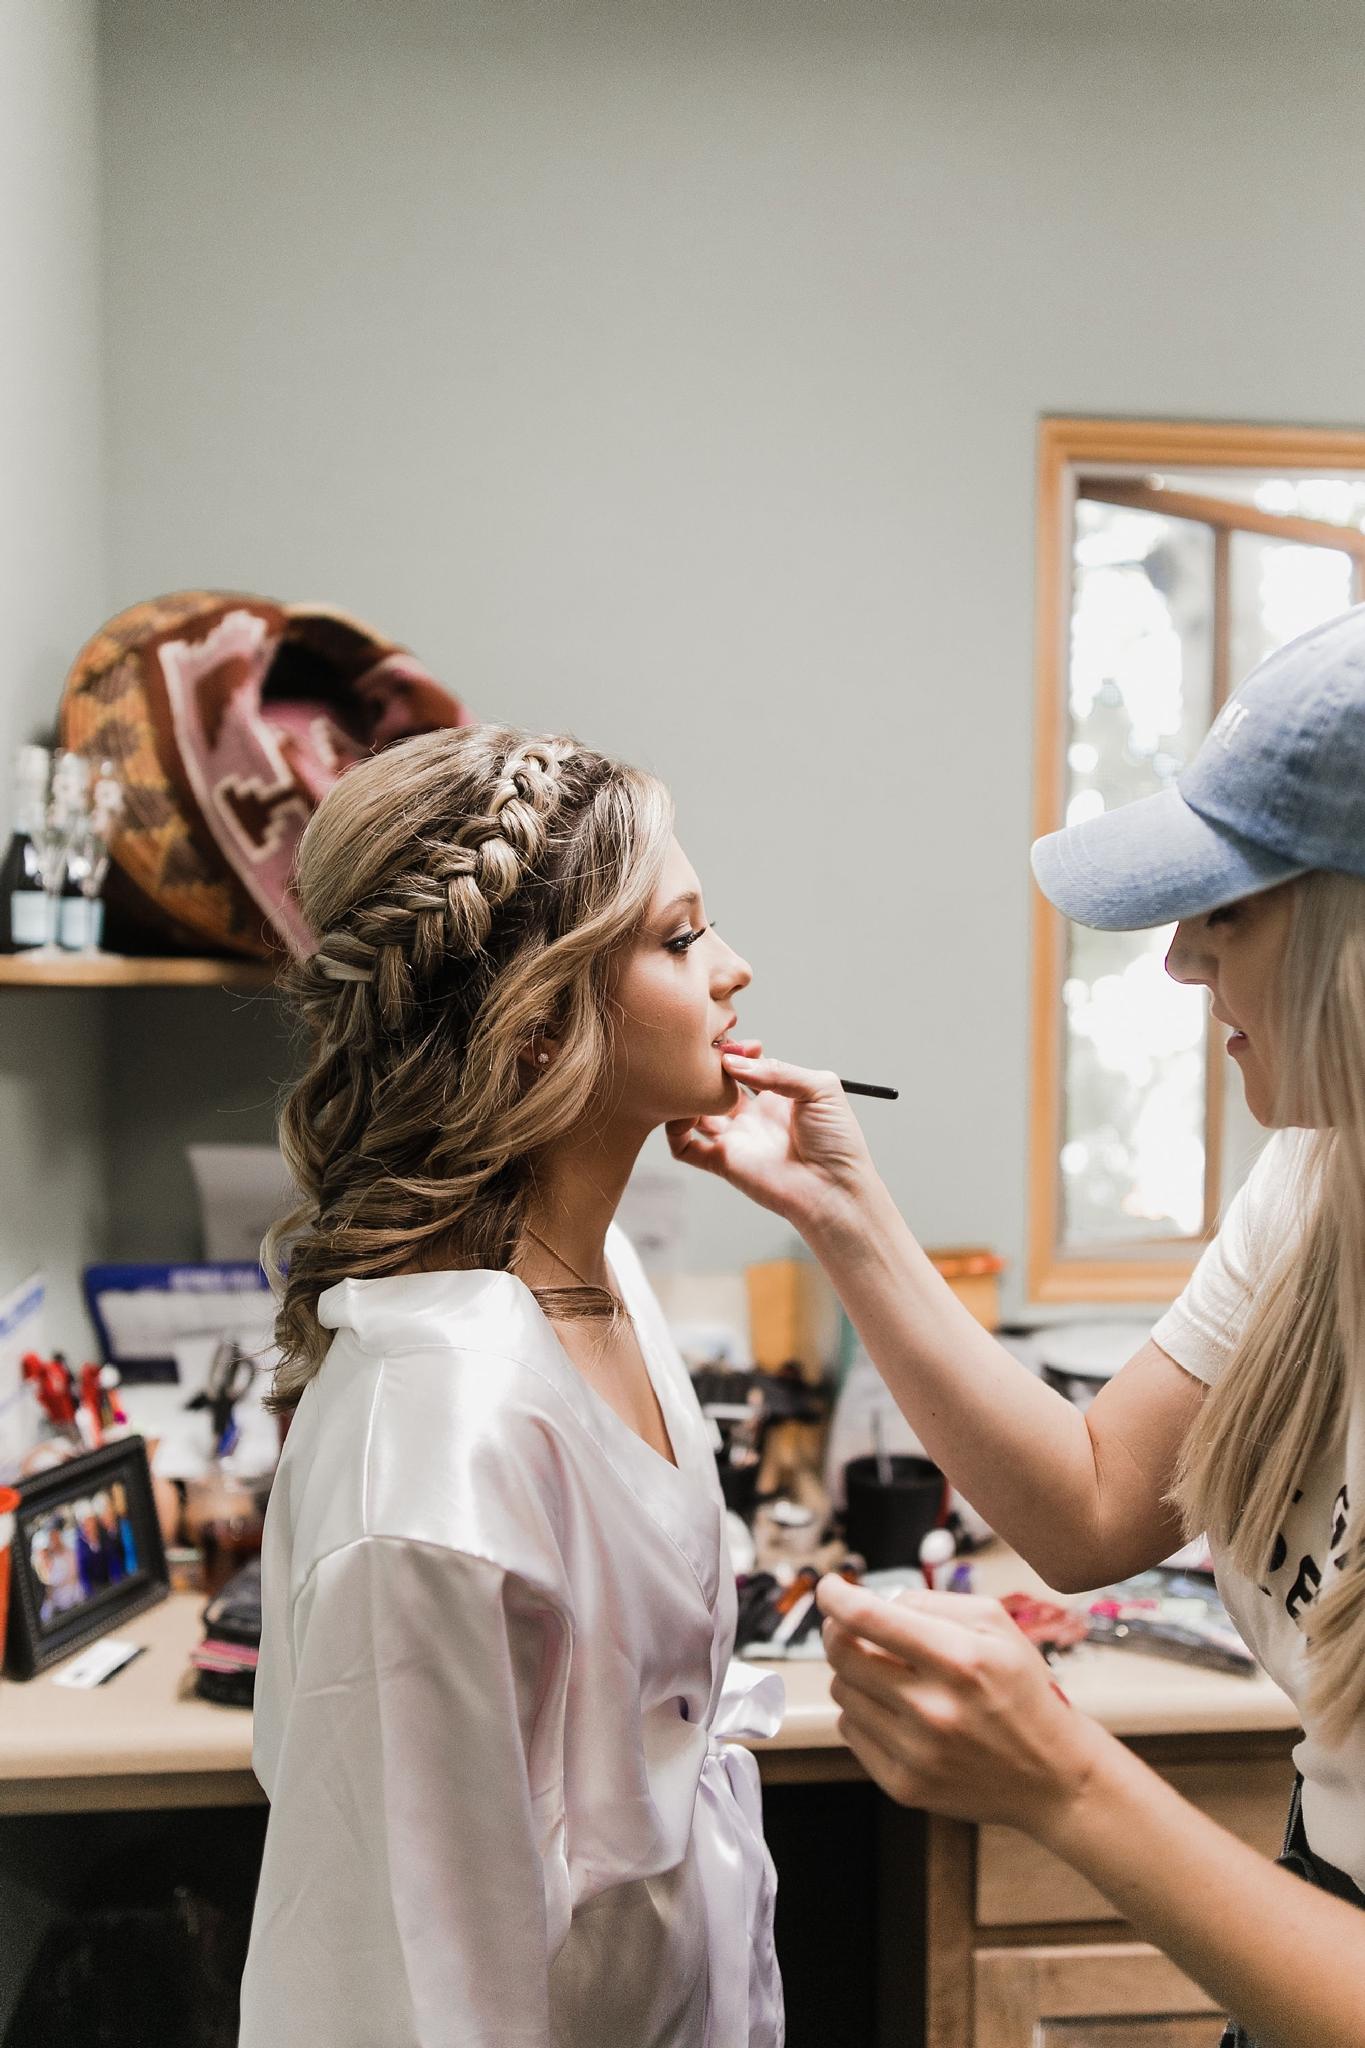 Alicia+lucia+photography+-+albuquerque+wedding+photographer+-+santa+fe+wedding+photography+-+new+mexico+wedding+photographer+-+new+mexico+wedding+-+wedding+makeup+-+makeup+artist+-+wedding+makeup+artist+-+bridal+makeup_0033.jpg